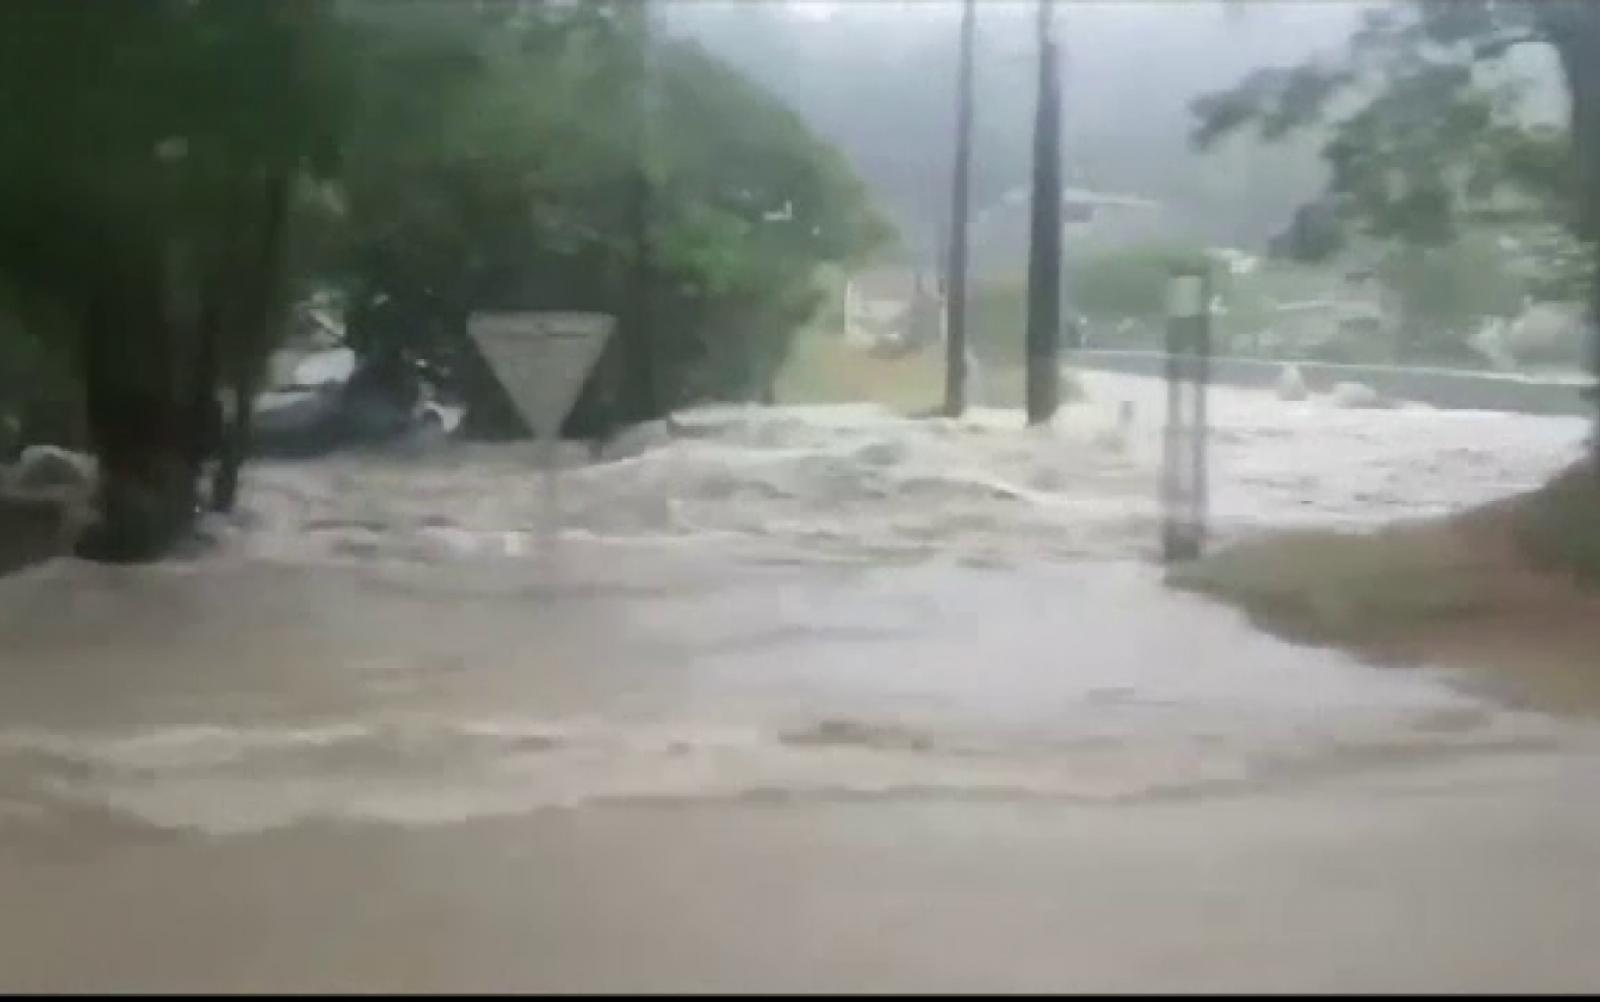 Germania și Franța, măturate de ploi şi rafale de vânt de forţa unor uragane